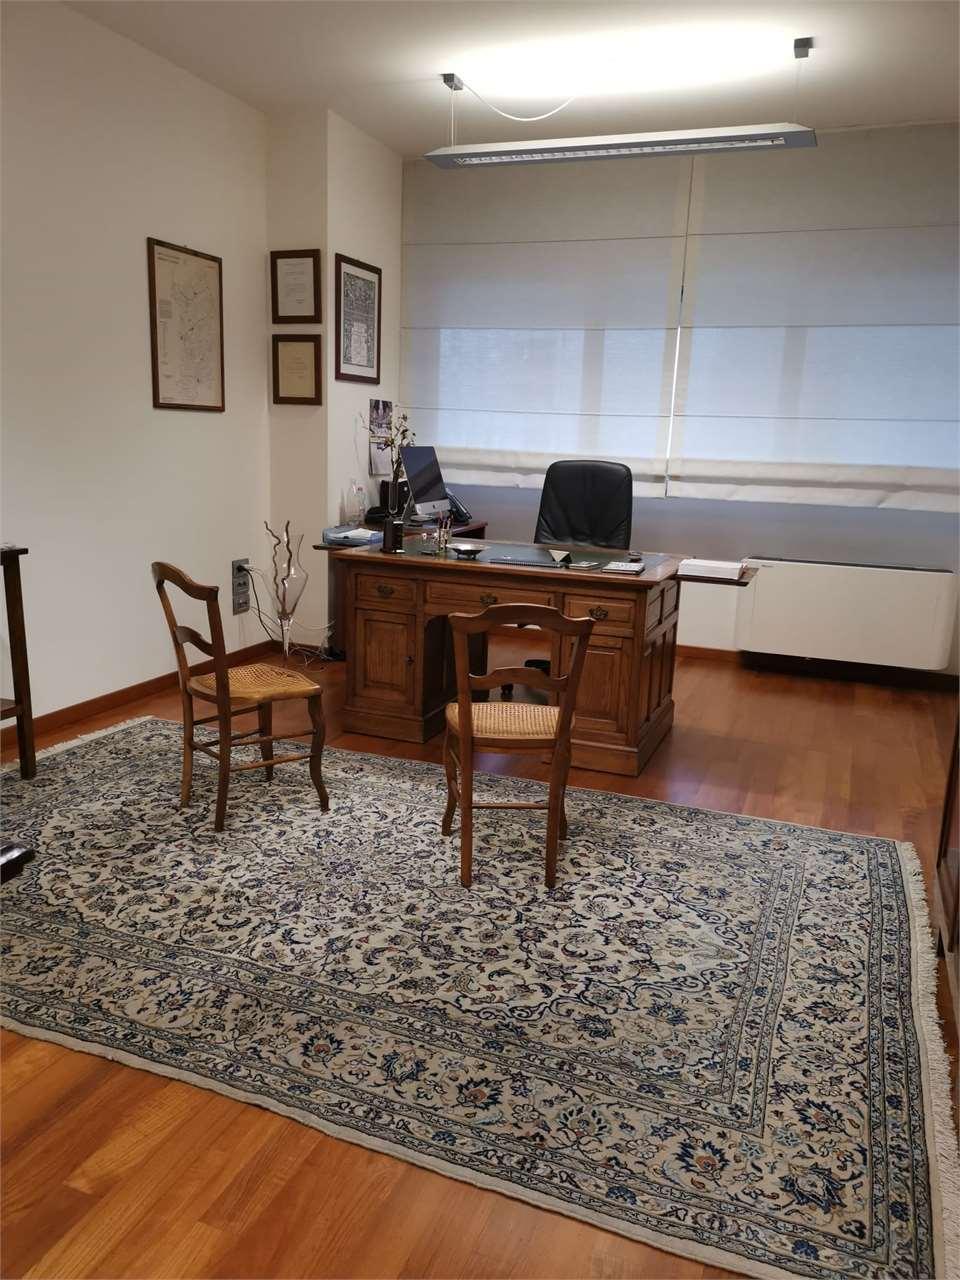 Ufficio / Studio in vendita a Cagliari, 6 locali, zona Zona: San Benedetto , prezzo € 398.000 | CambioCasa.it